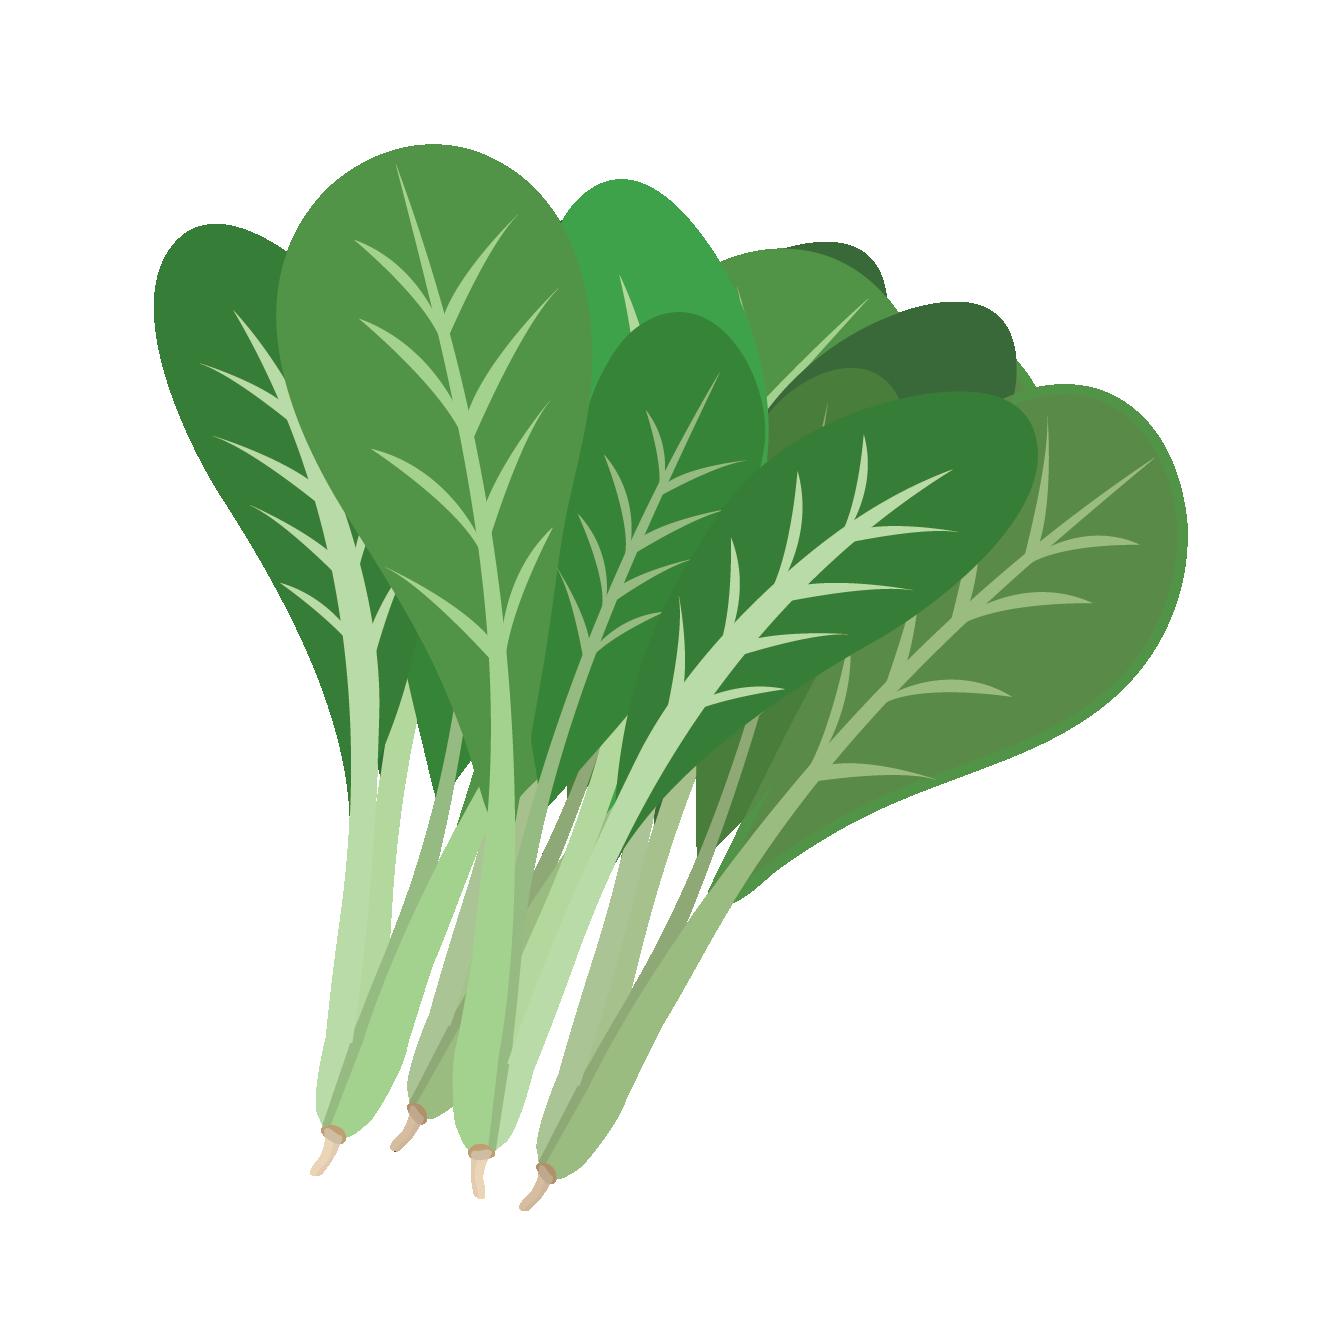 小松菜のイラスト 野菜 商用フリー無料のイラスト素材なら